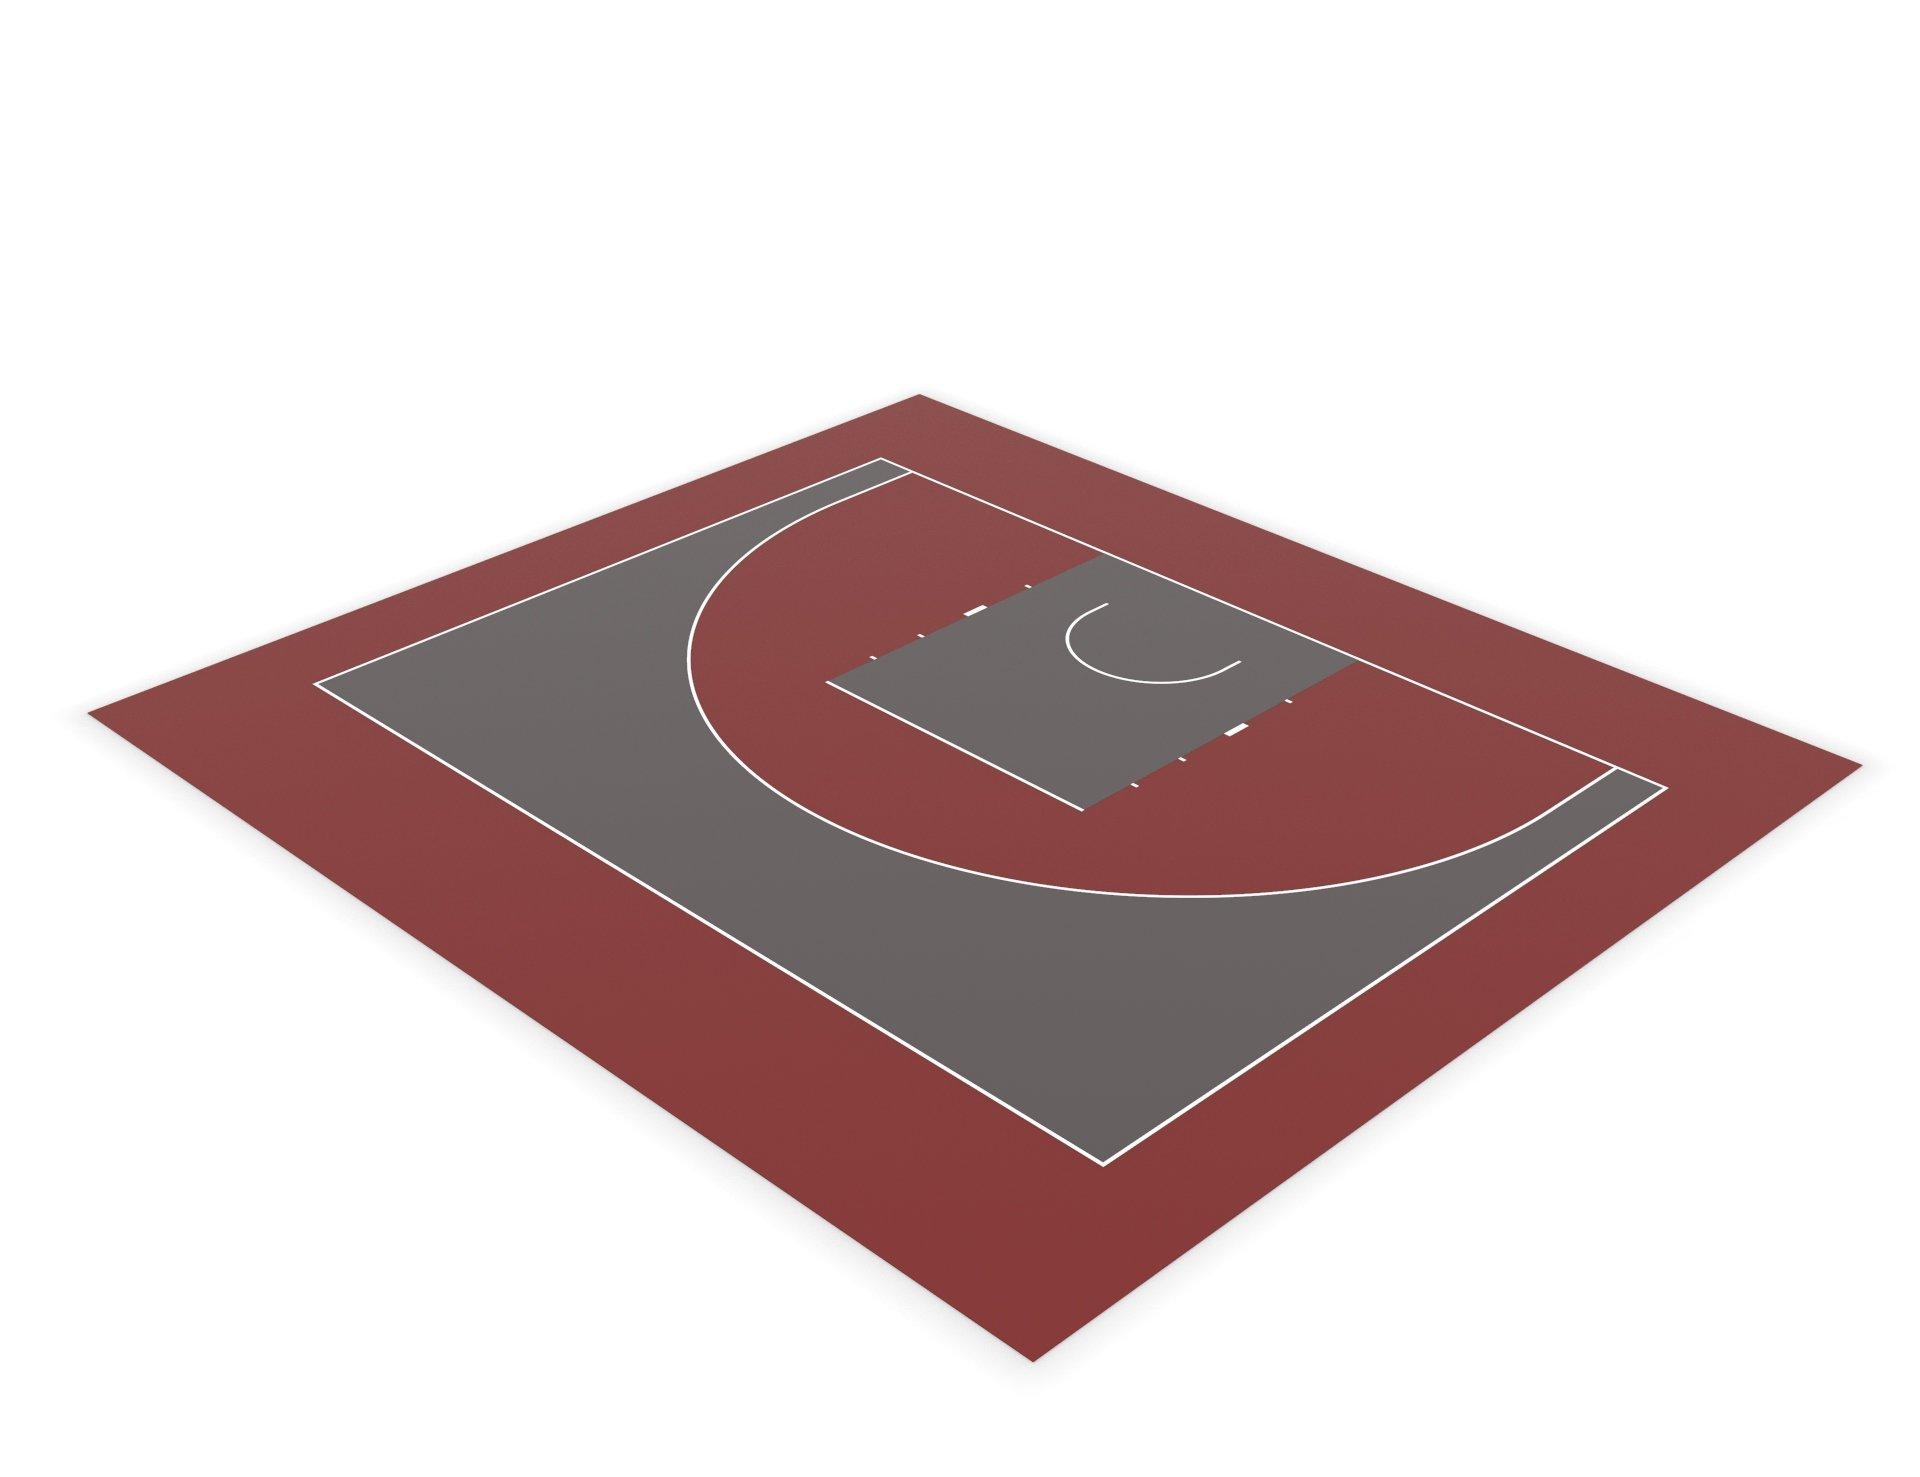 Разметка спортивных площадок. Разметка стритбольной площадки. Баскетбол 3x3